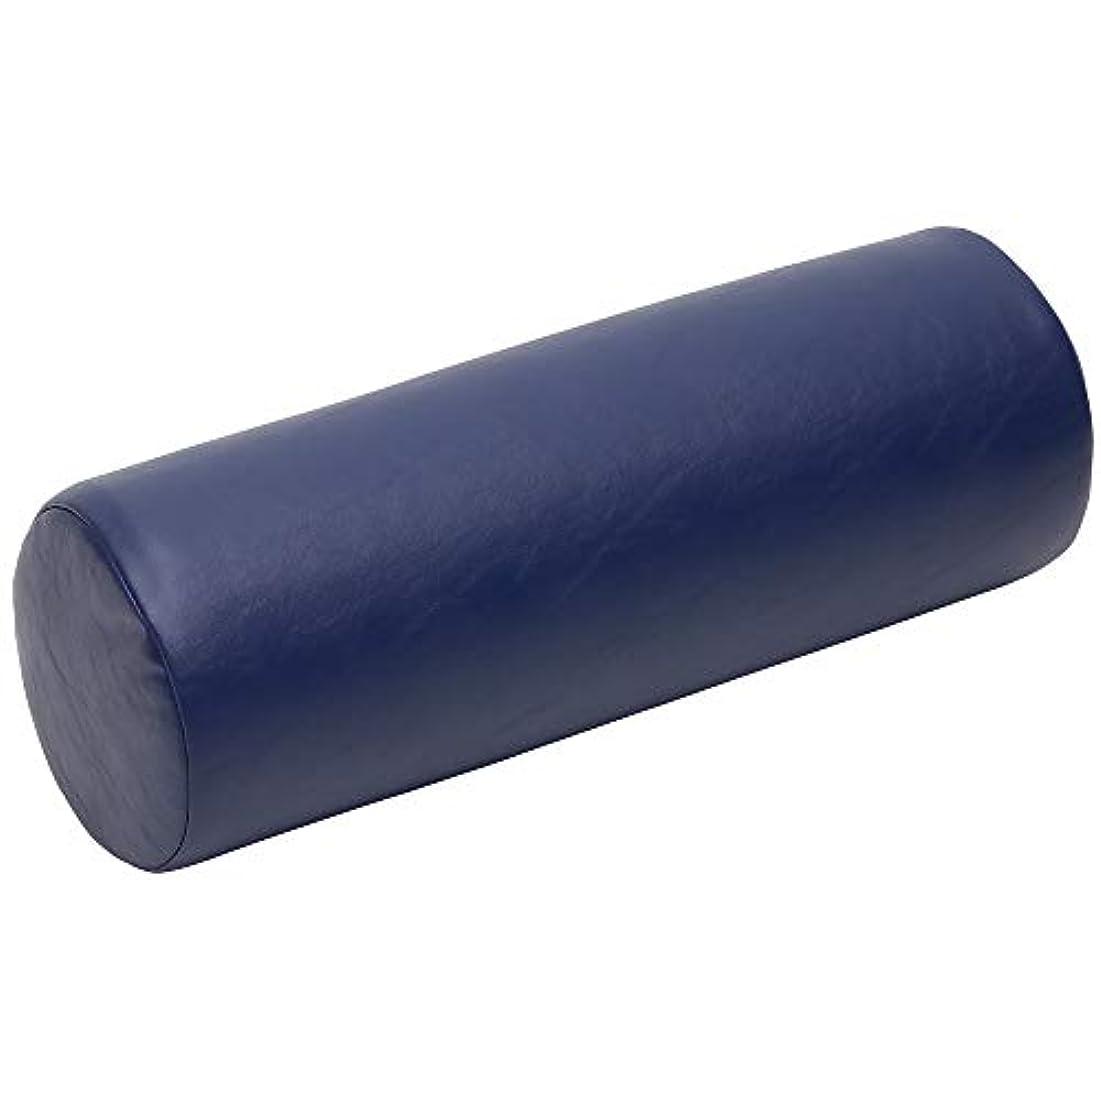 LLOYD (ロイド) ダッチマンロール 【円柱型】 マッサージ クッション 椎間板 の 施術 足首 の支え 側臥位 の際の 枕 にも最適 (ネイビー)